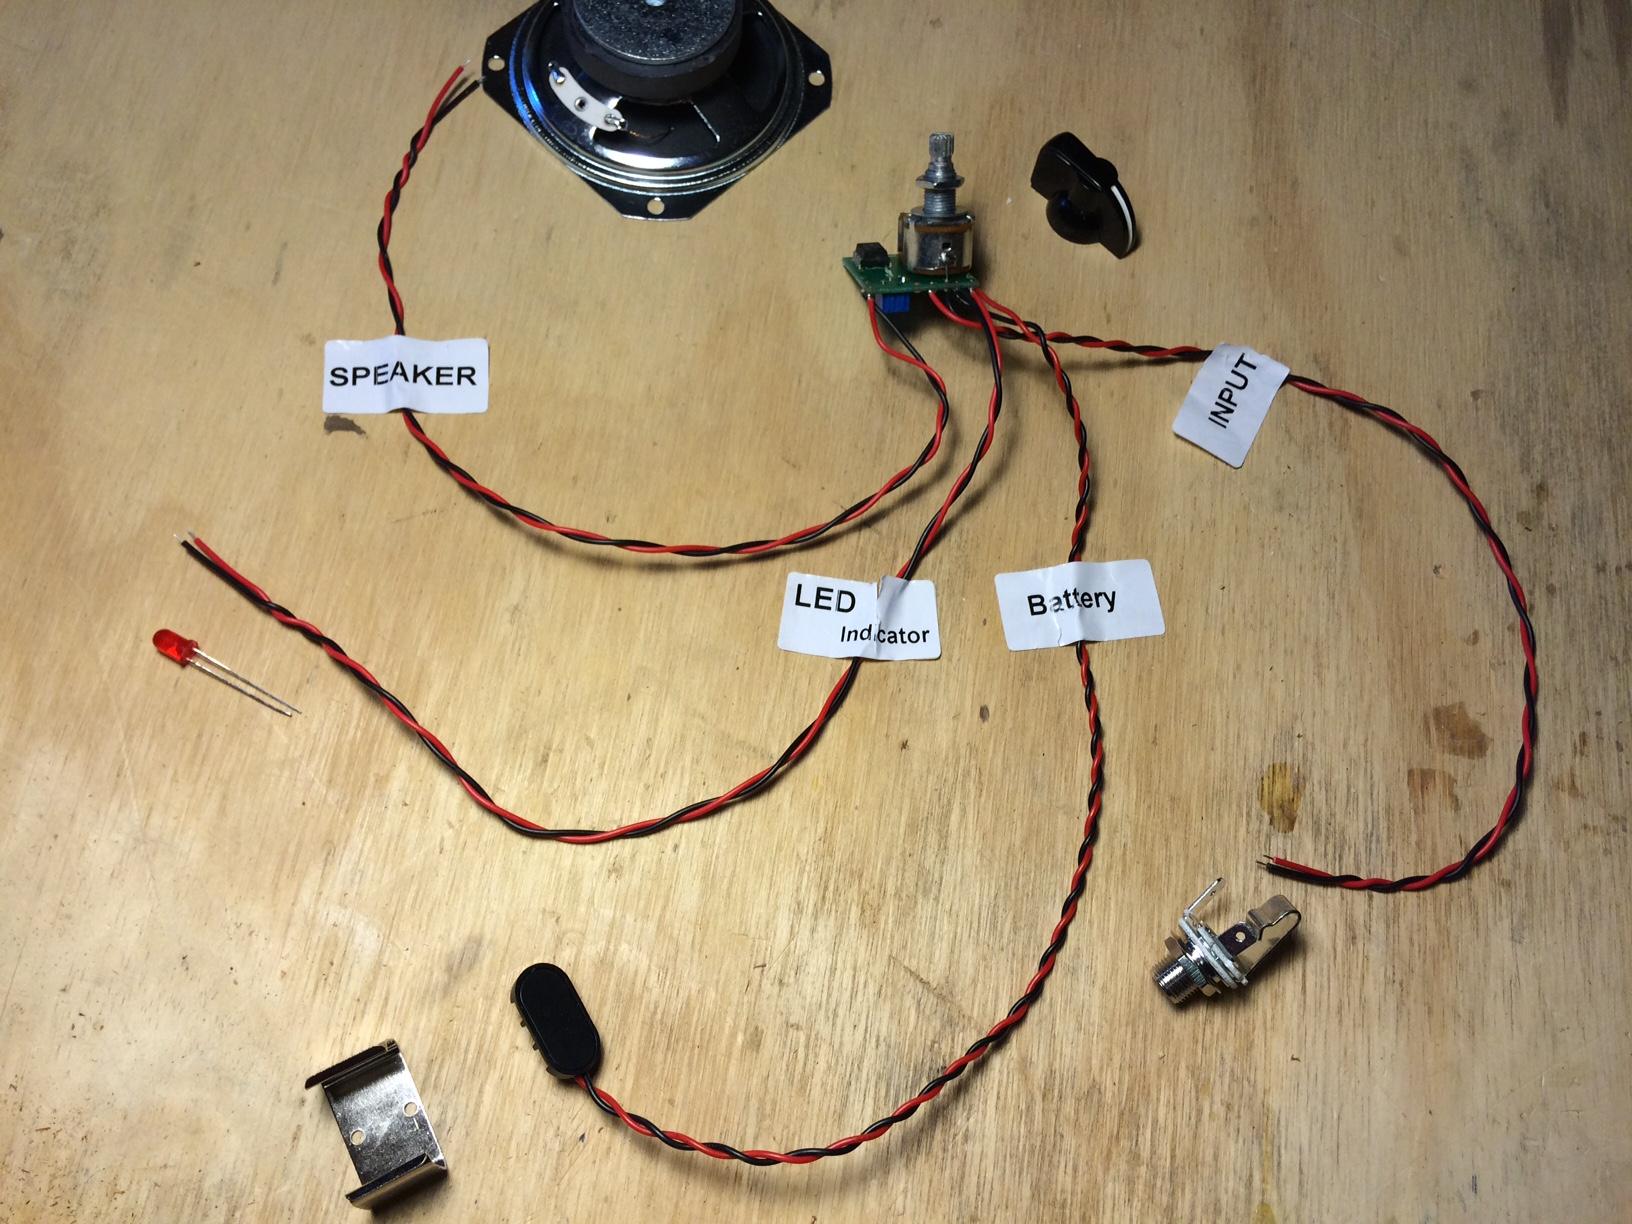 amplifier wiring kit radio shack 1967 honda ct90 diagram easy project build this dual speaker tweed guitar